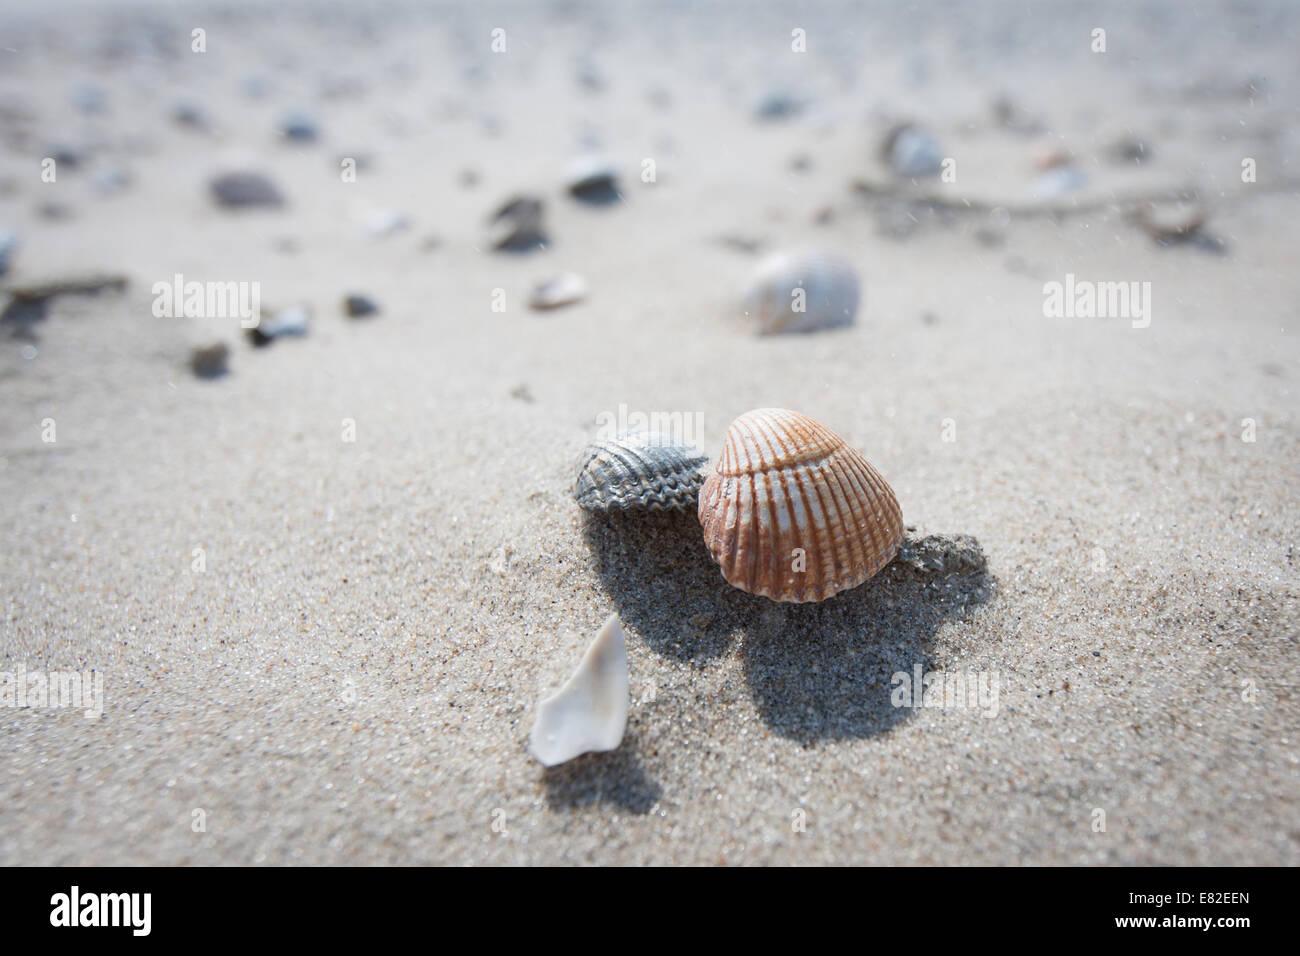 Detail von Muscheln am Strand Stockbild